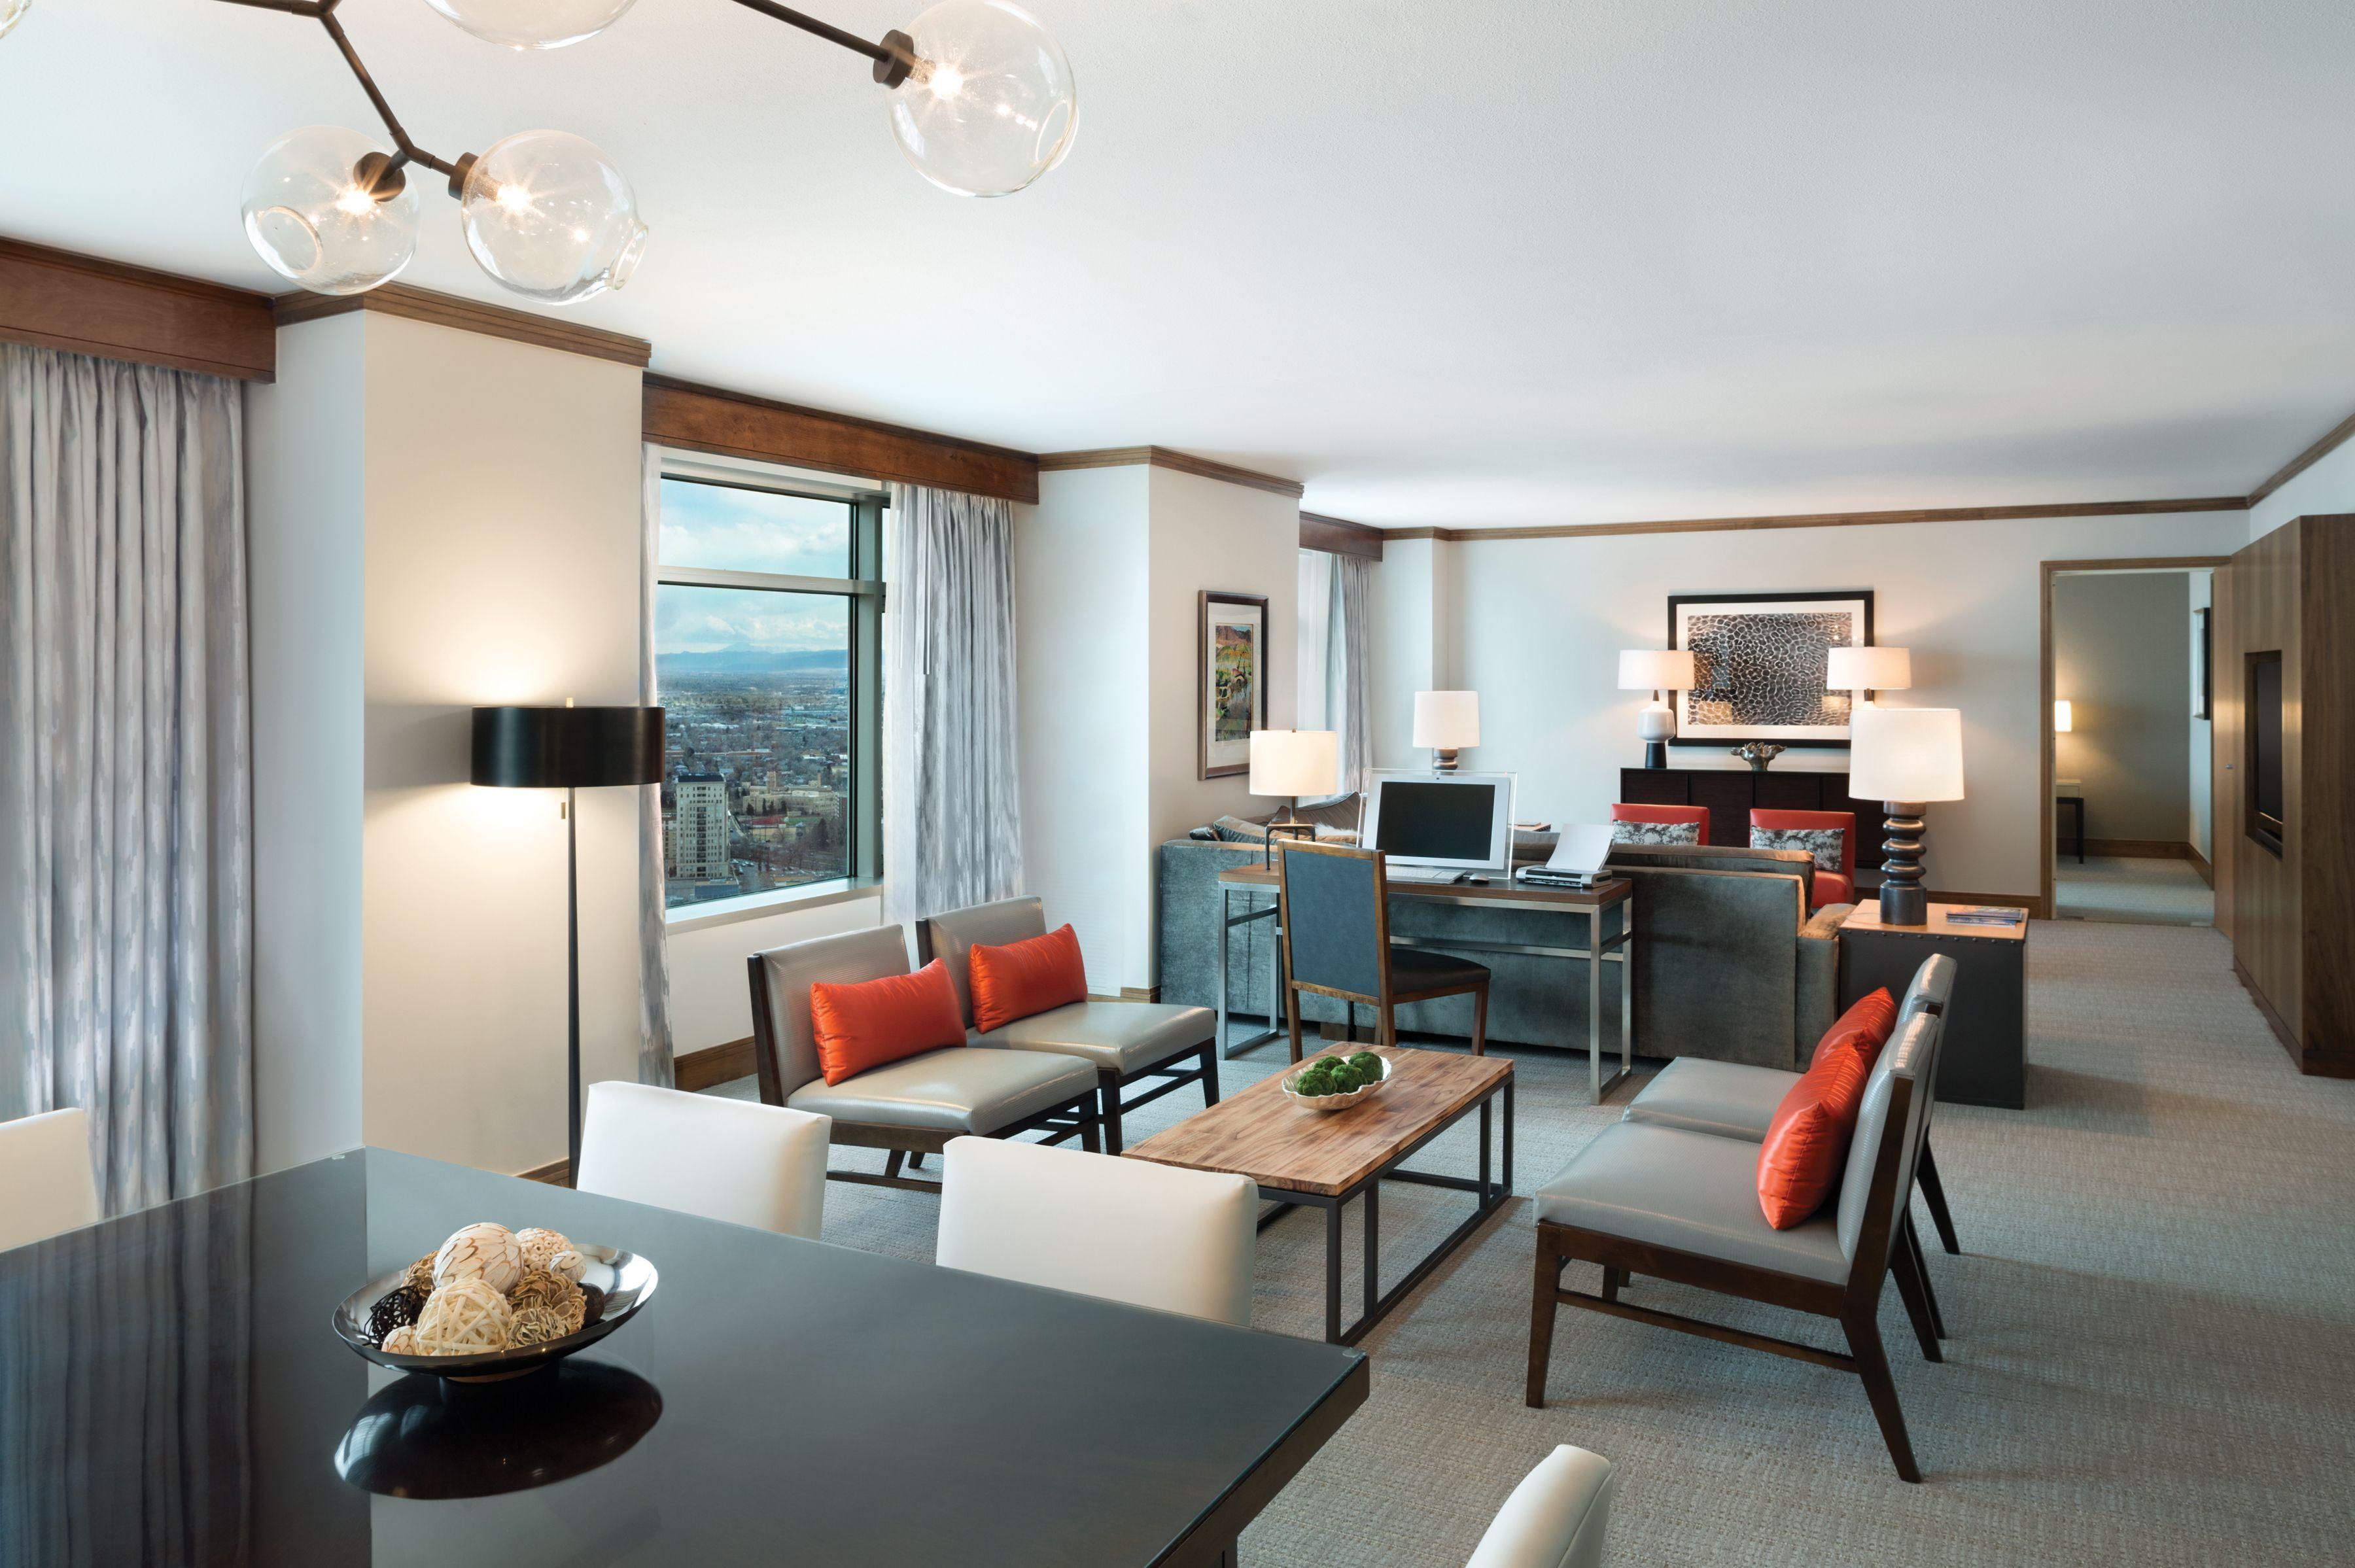 Bristlecone Suite 1 440 Sq Ft Hyatt Regency Denver Denver